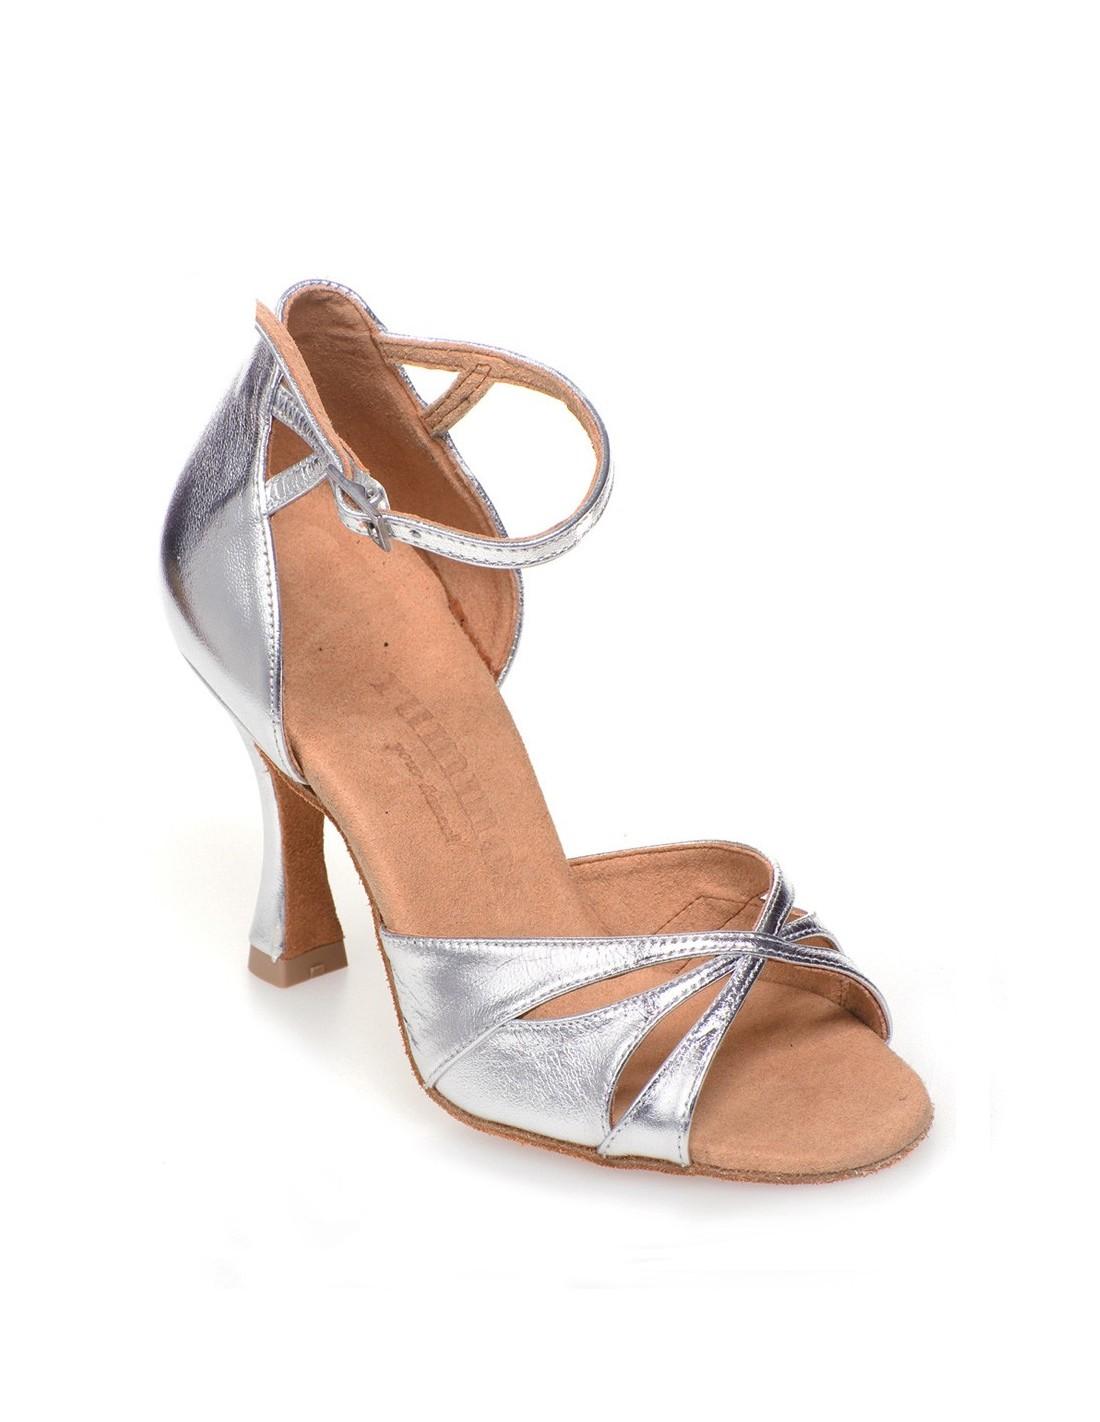 Chaussures de danse de salon satin cuivre et strass for Chaussures de danse de salon toulouse